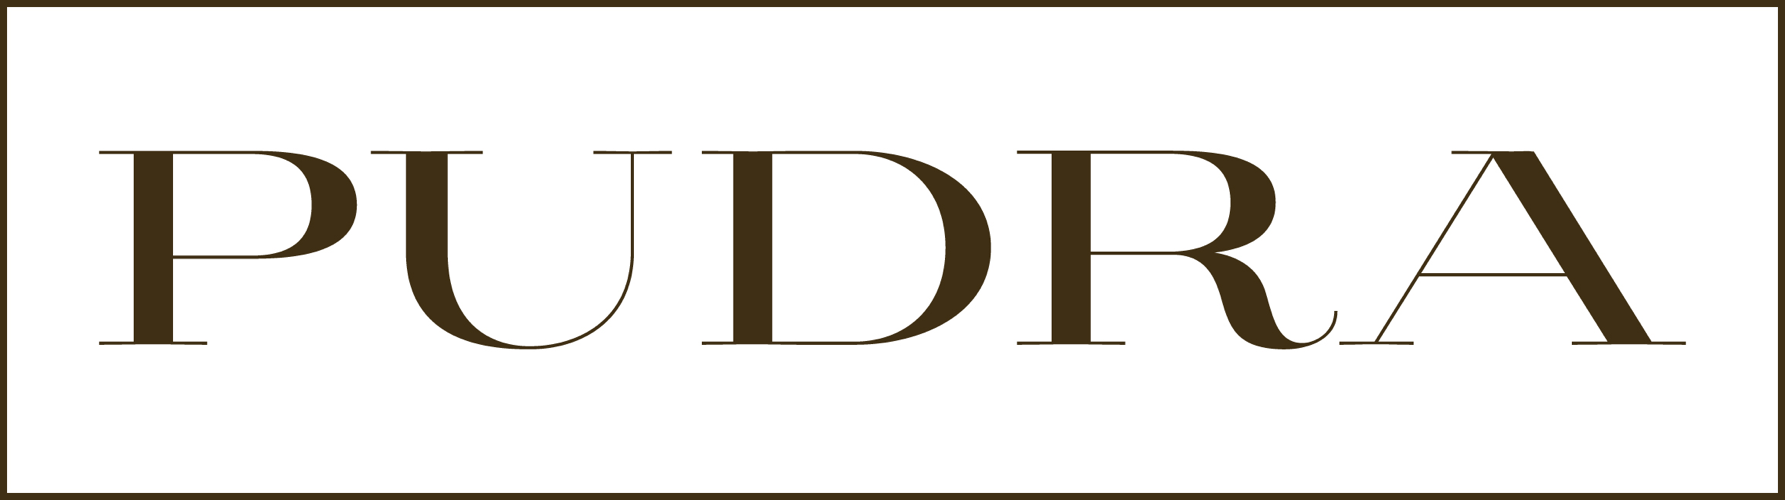 PUDRA — это проект, за которым стоят инвесторы, имеющие большой опыт в  сфере дизайна, IT, парфюмерном производстве и электронной коммерции. d055c47b40f